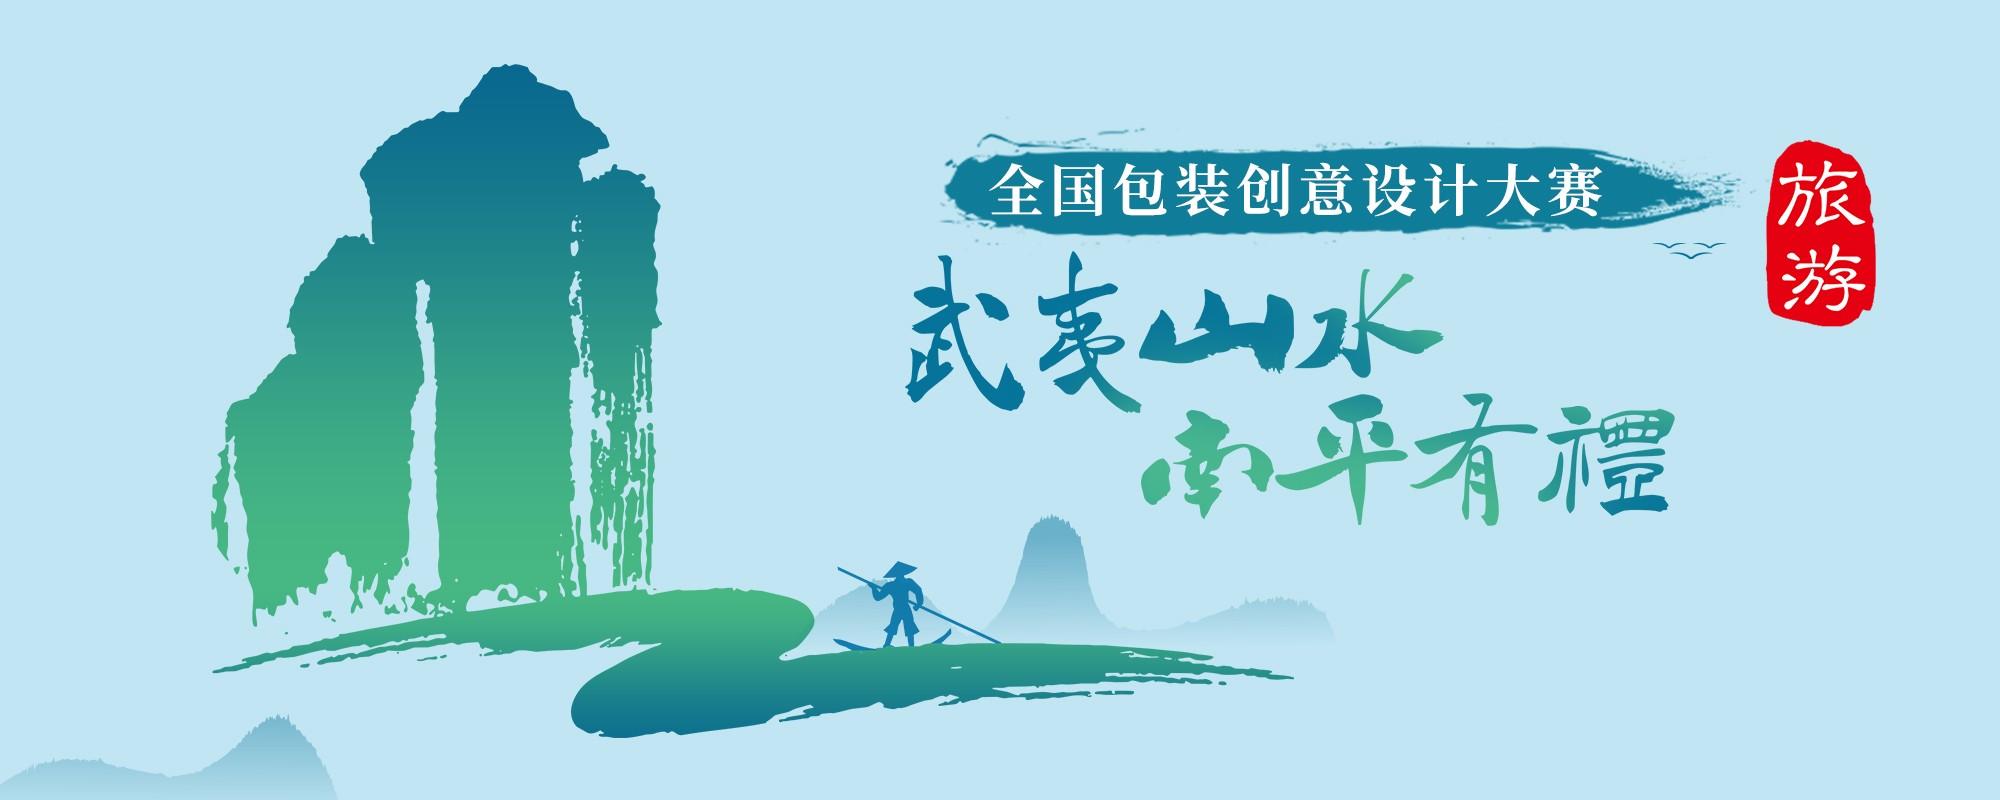 """文化赋能城市,""""武夷山水 南平有礼""""全国包装创意设计大赛颁奖仪式圆满结束"""